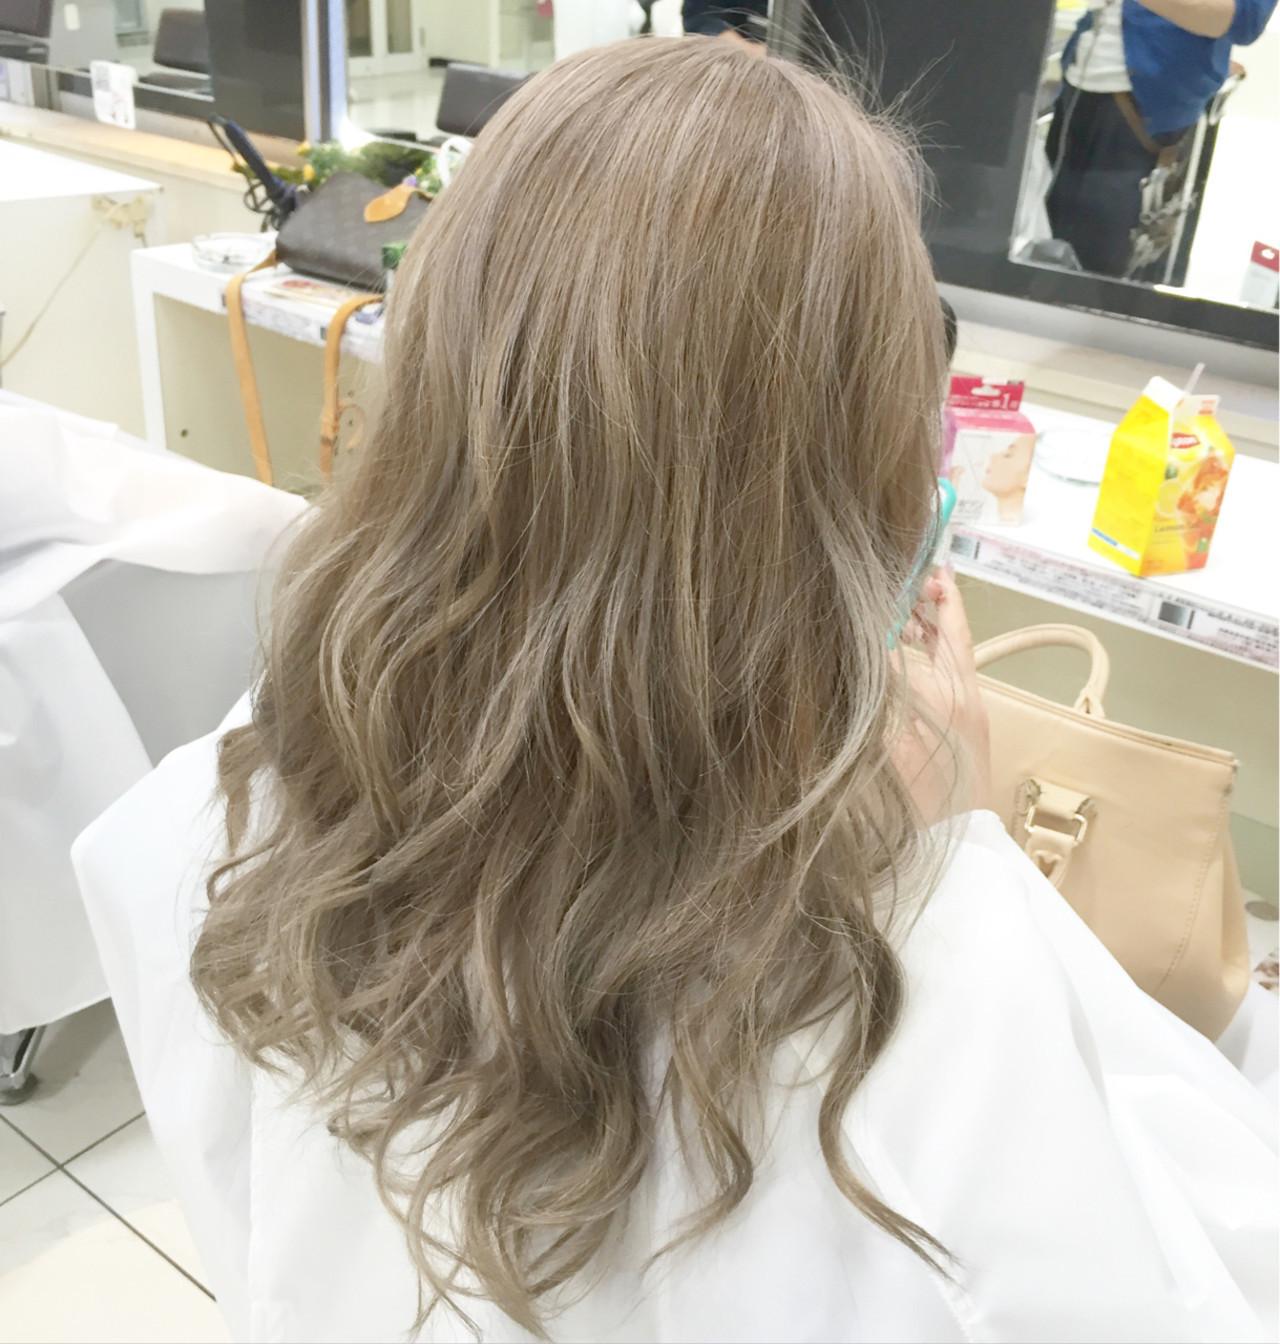 簡単イメチェン♡夏にぴったりのハイトーンカラーの魅力に迫る!の2枚目の画像